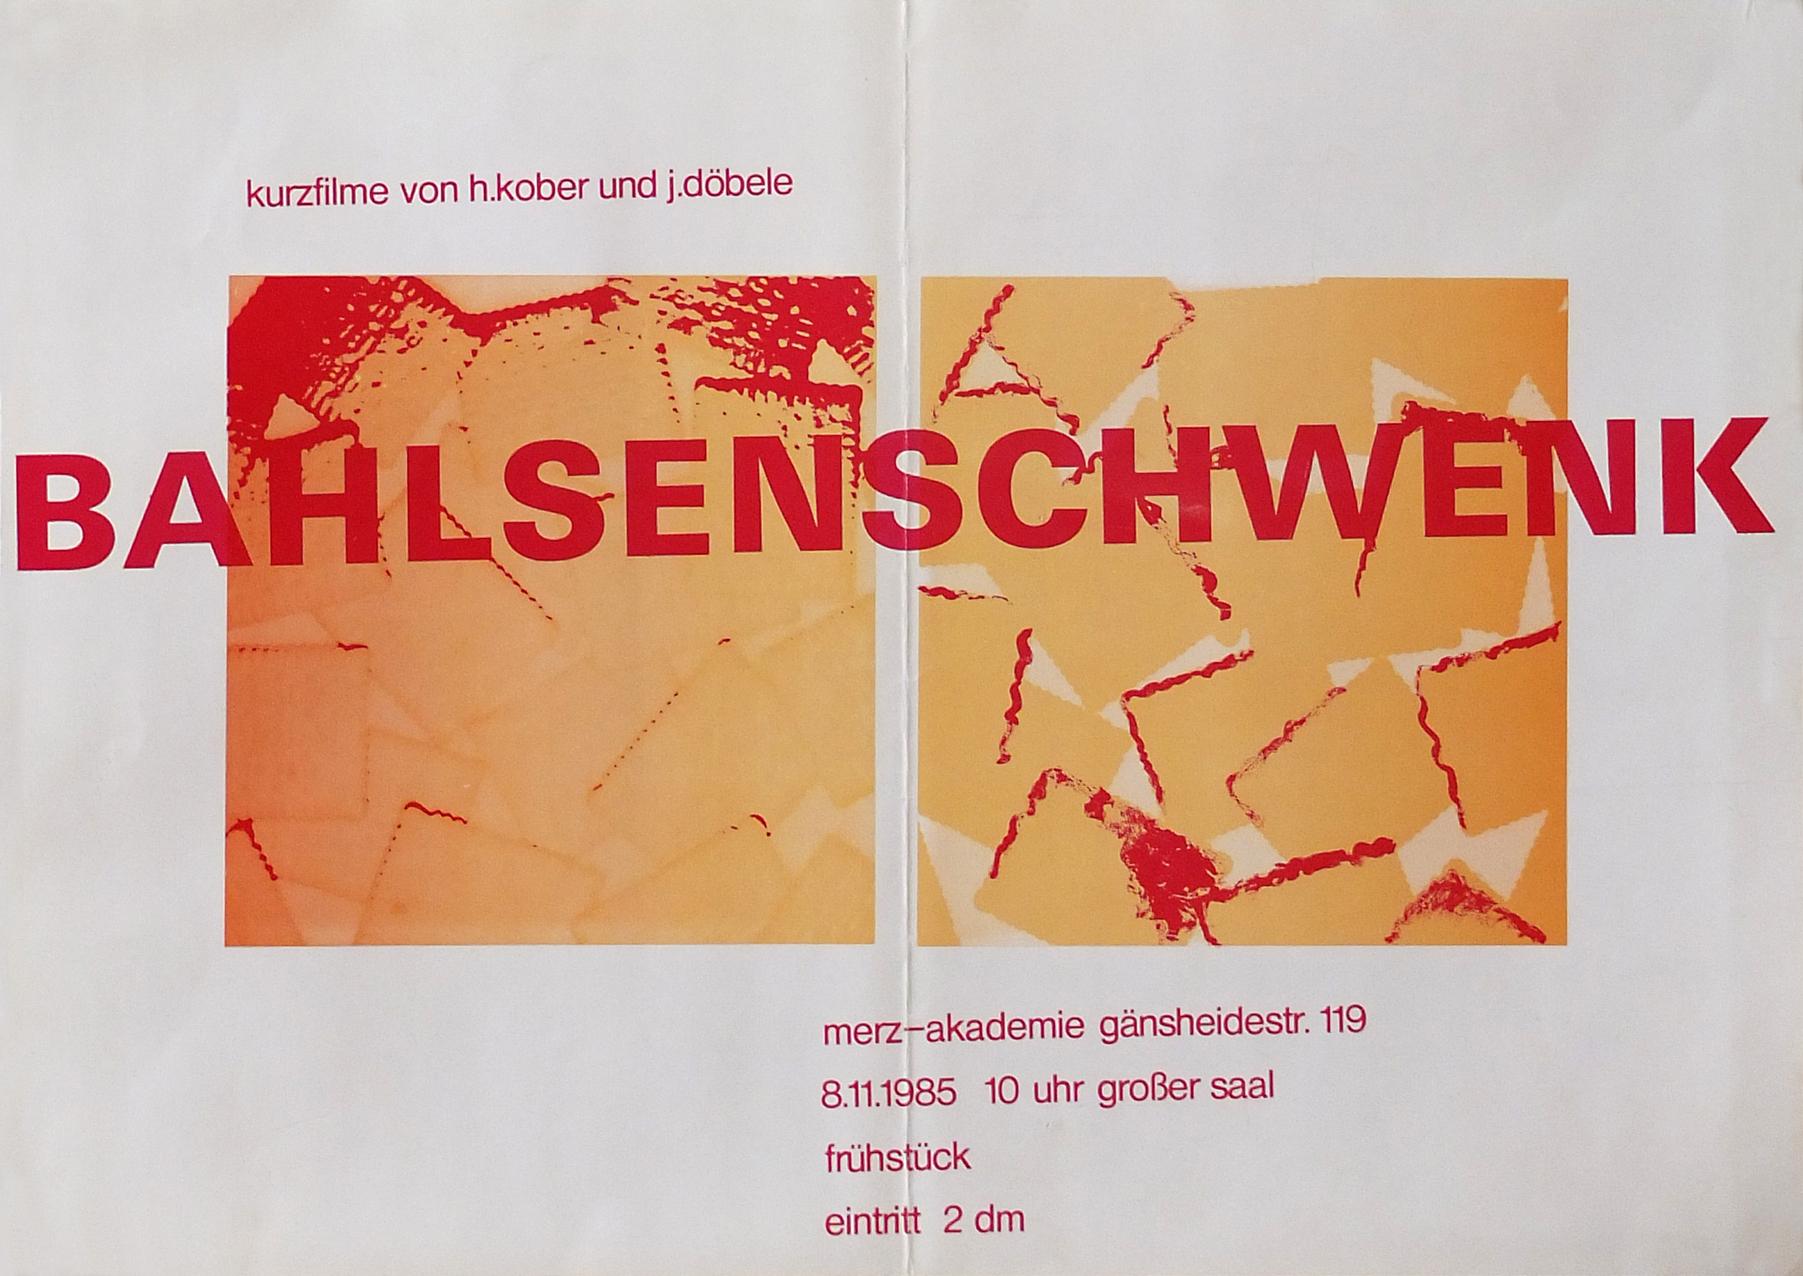 Photo: Persönliche Präsentation auf Einladung von Studenten der Merz-Akademie Stuttgart 30,5 43 cm ©Alessandro Oertwig,1985